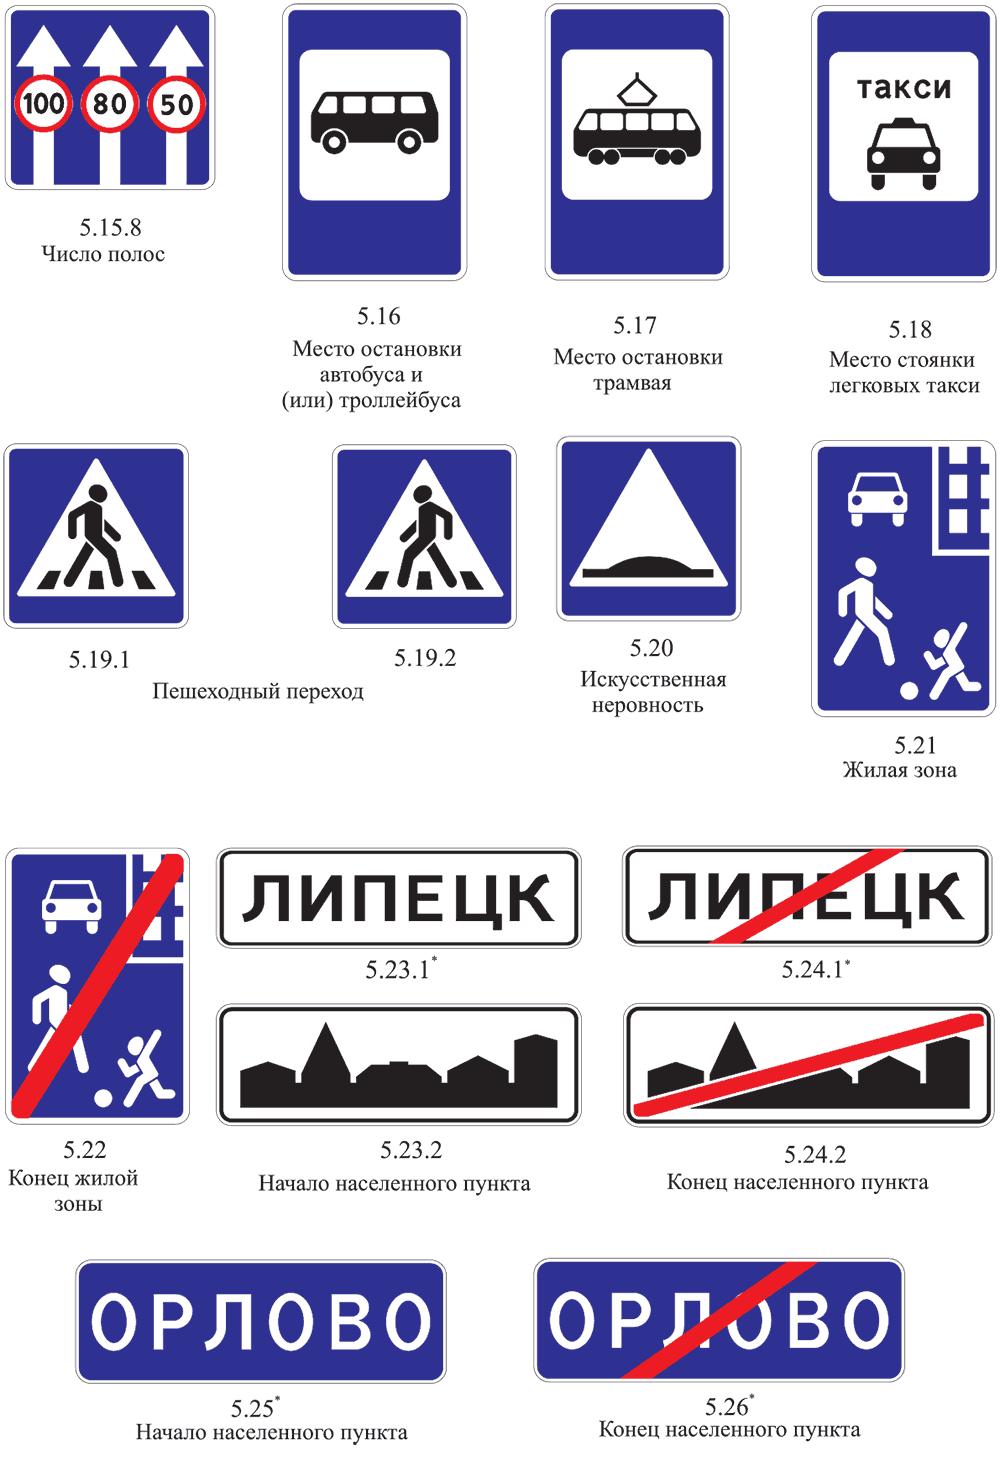 Картинки дорожных знаков и их значение